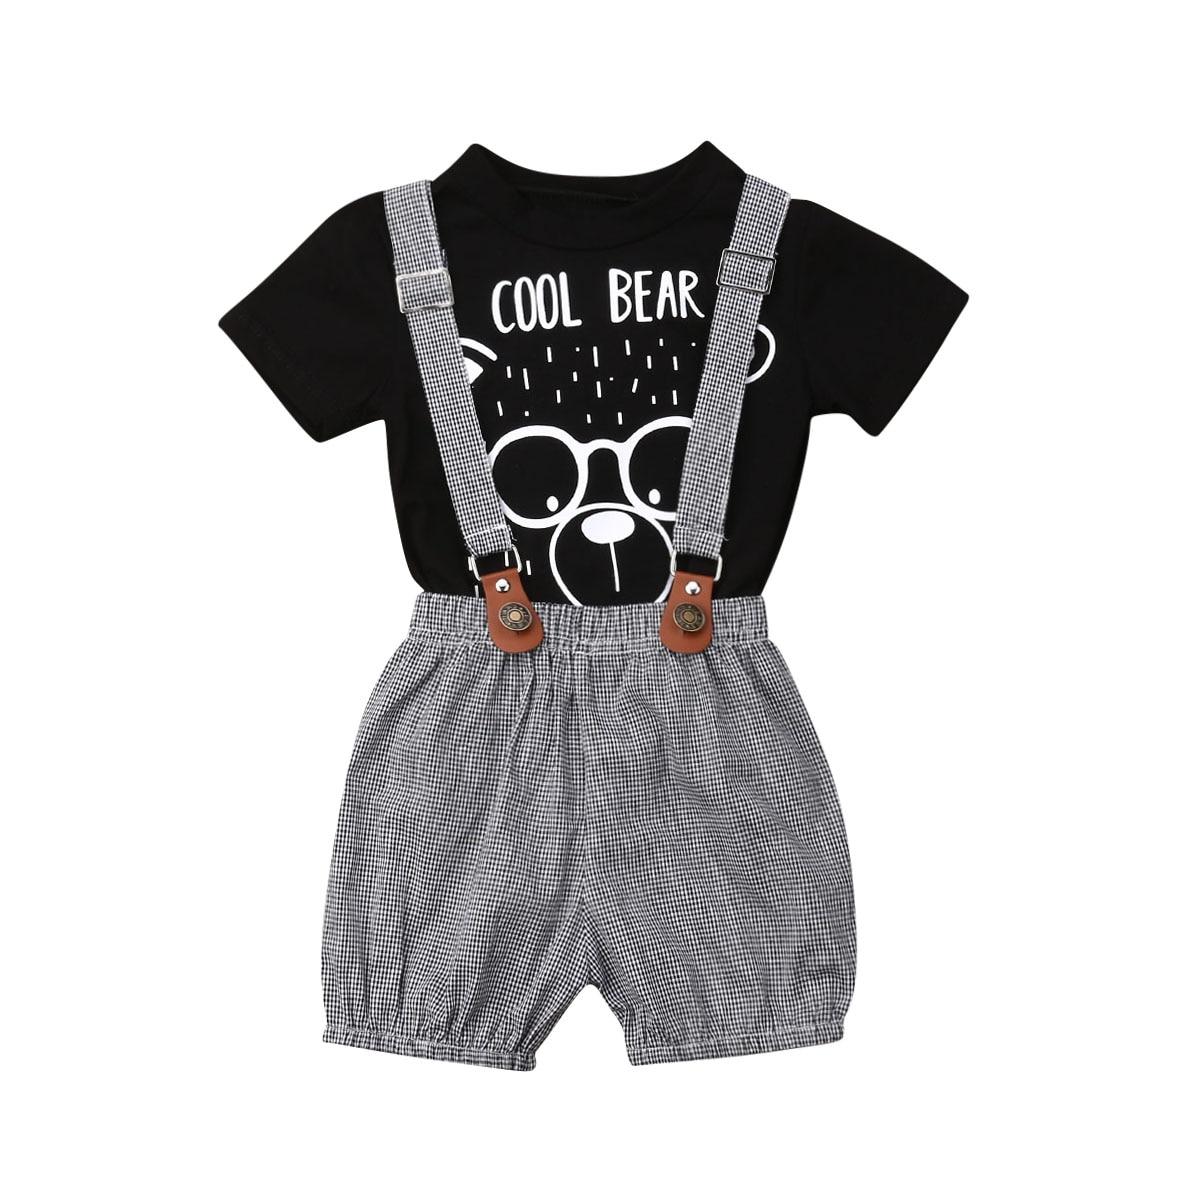 Conjunto de 2 uds. De camisetas de algodón de manga corta para niños y niñas con tirantes de cuadros, pantalones cortos, monos, ropa de verano